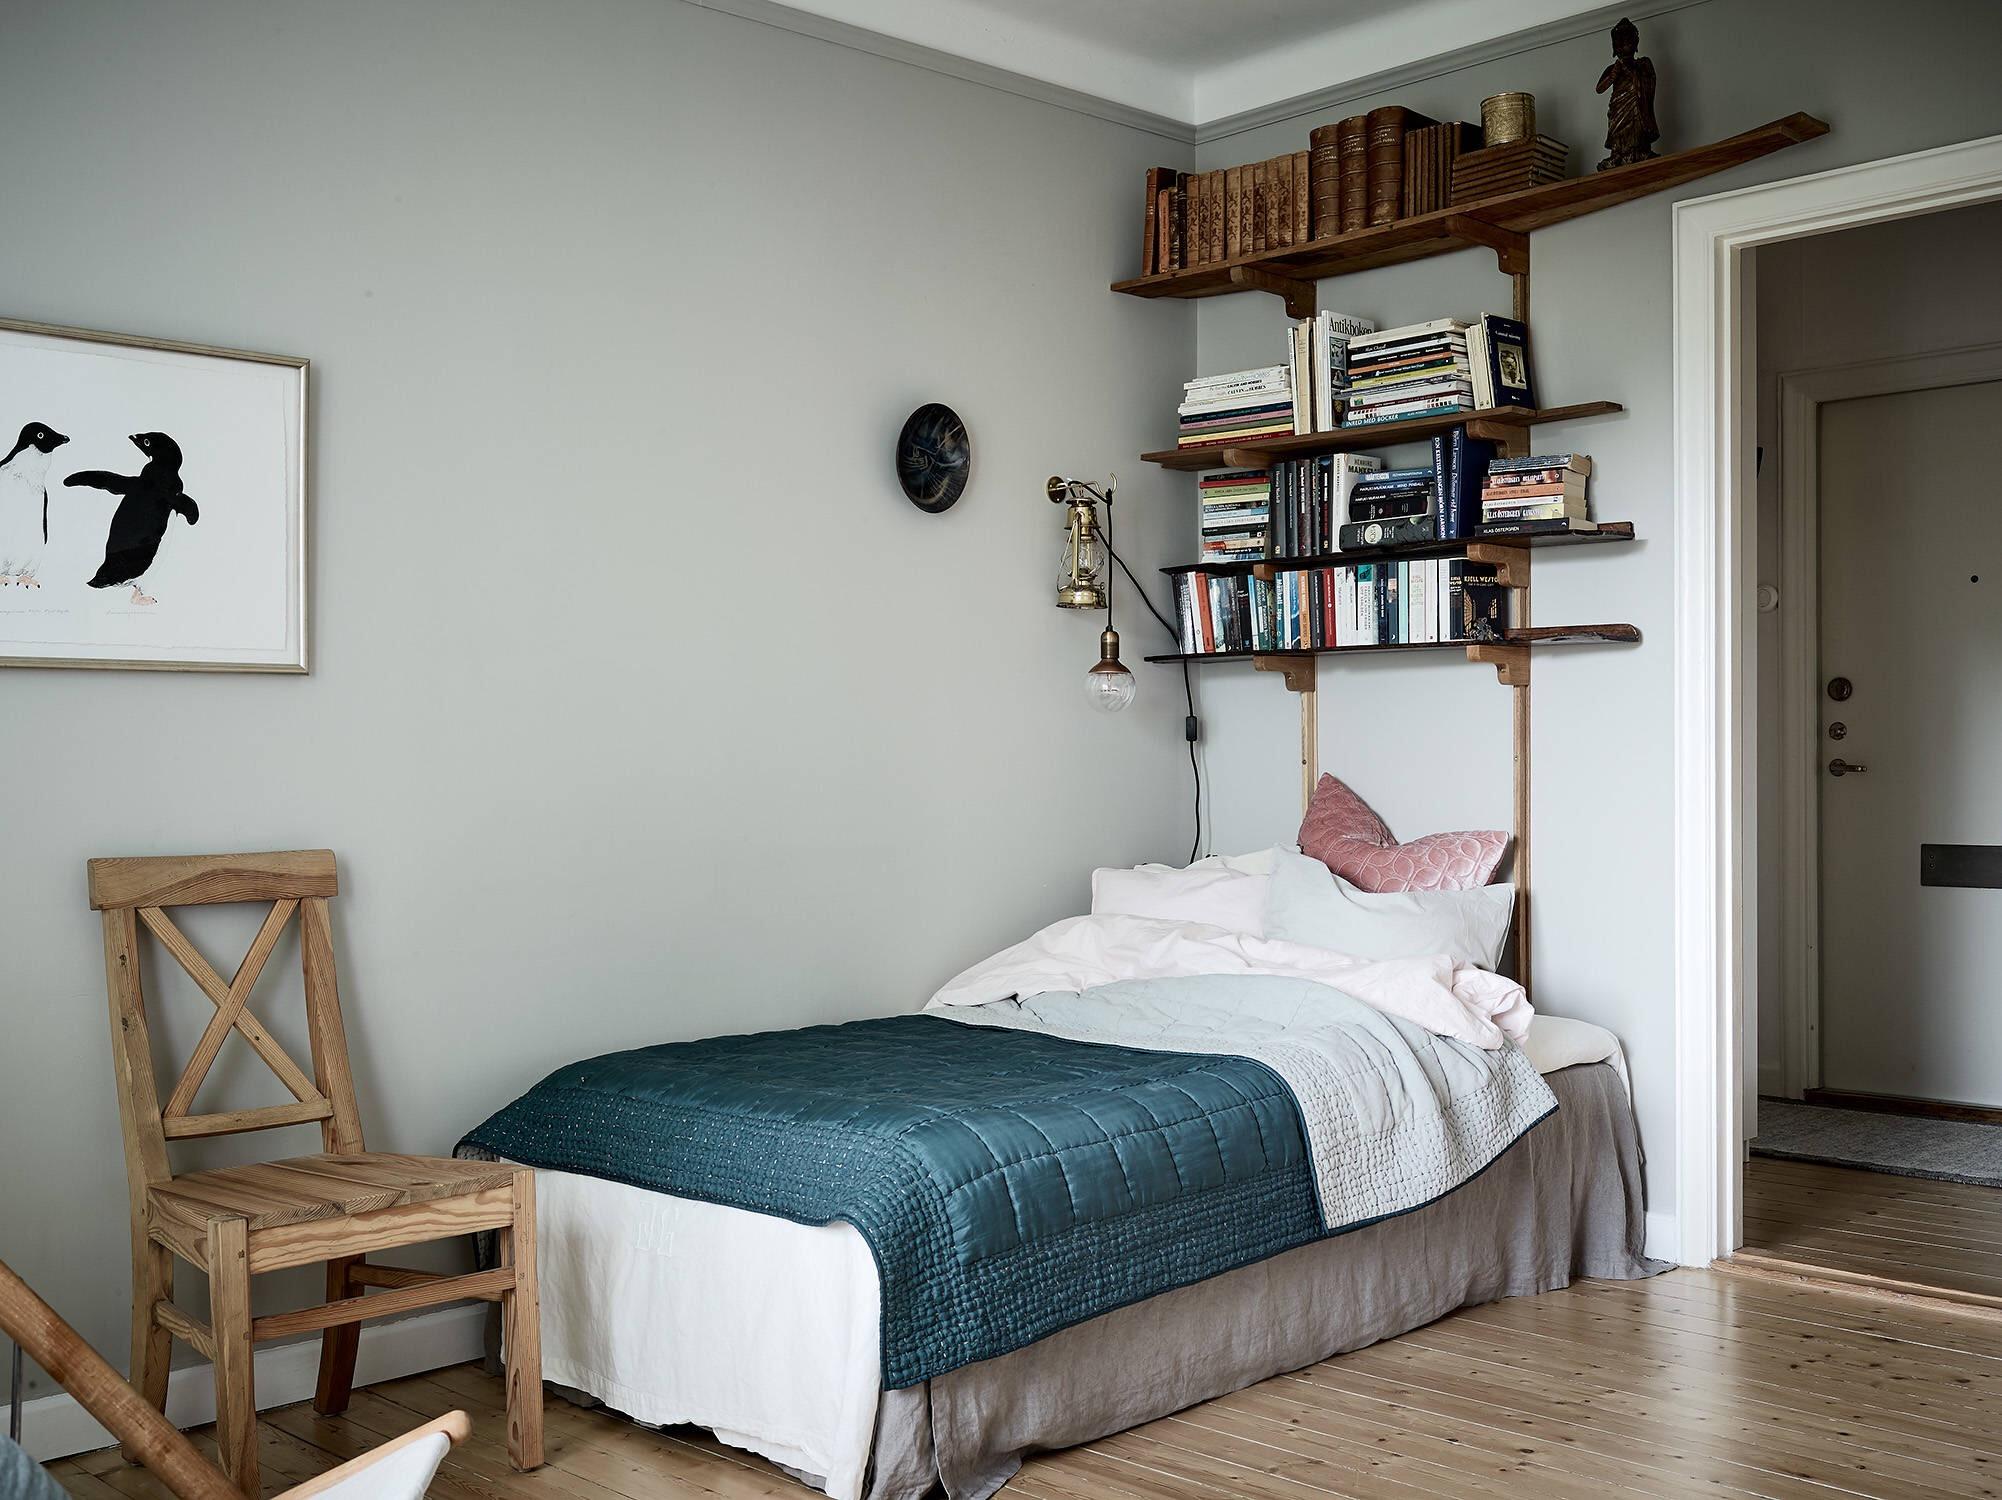 кровать полки книги